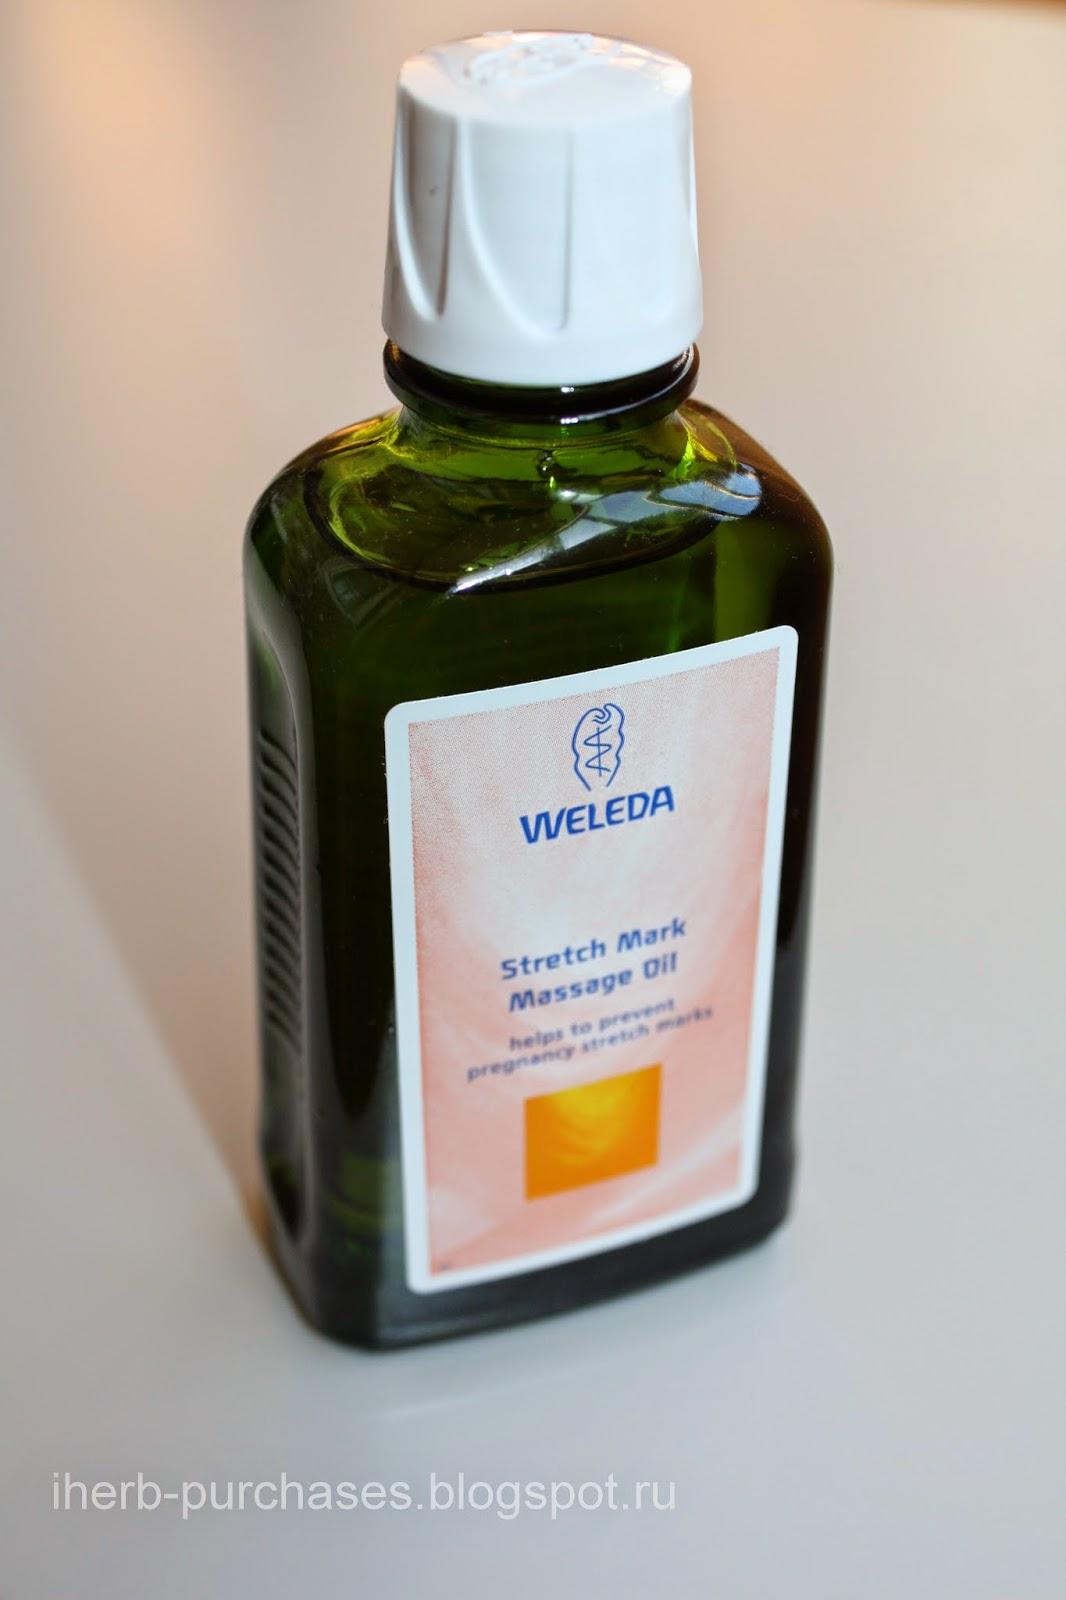 масло для тела, от растядек, для упругости кожи, отзыв, iherb